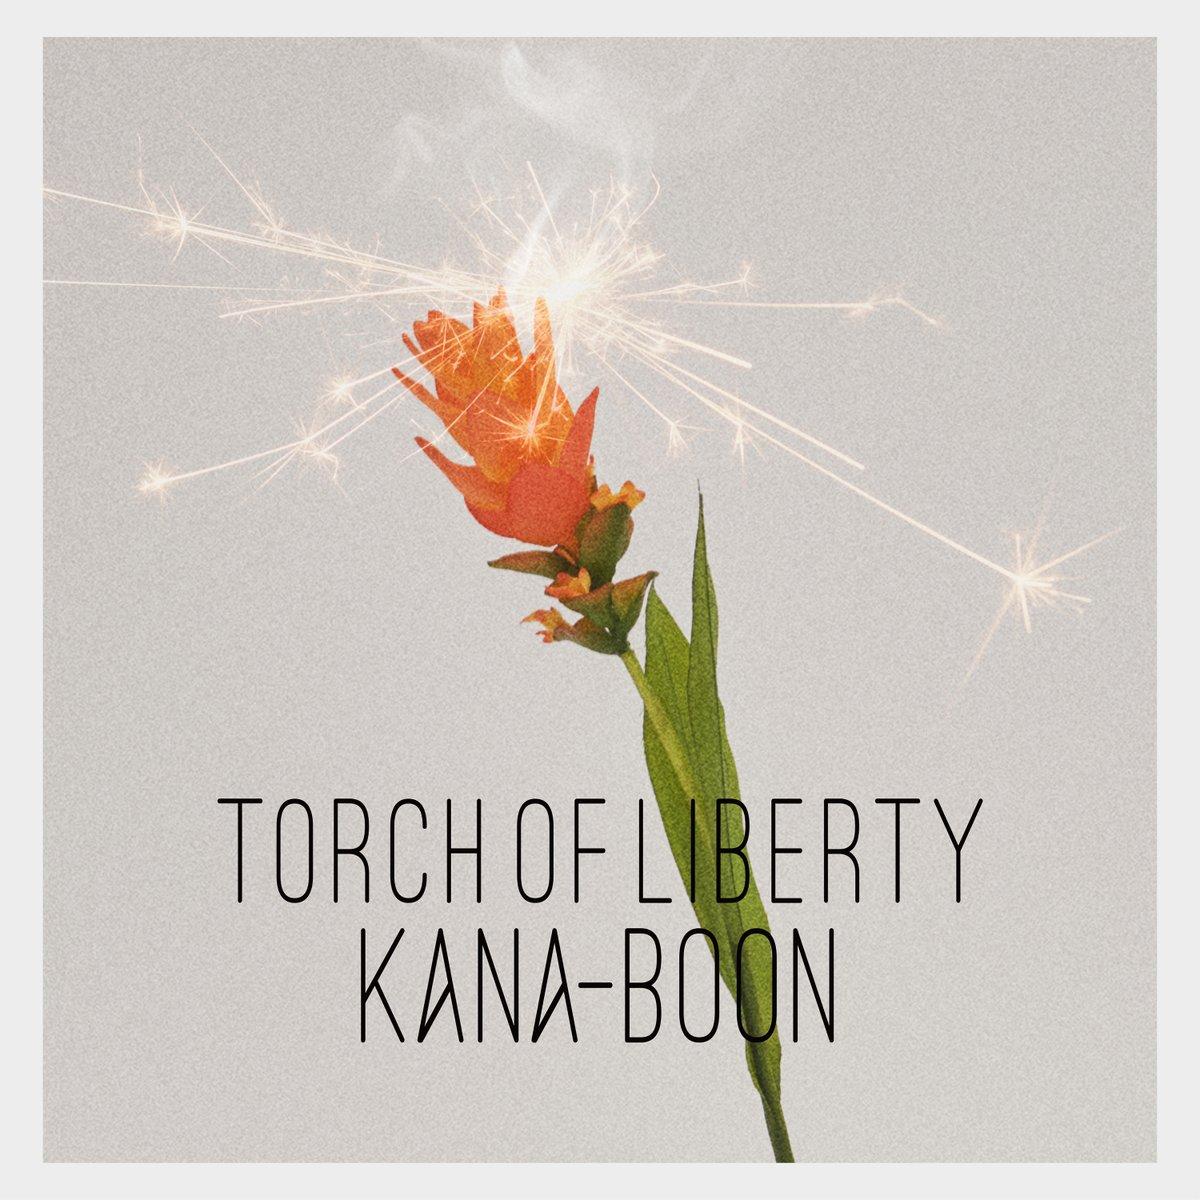 『KANA-BOON - マジックアワー』収録の『Torch of Liberty』ジャケット